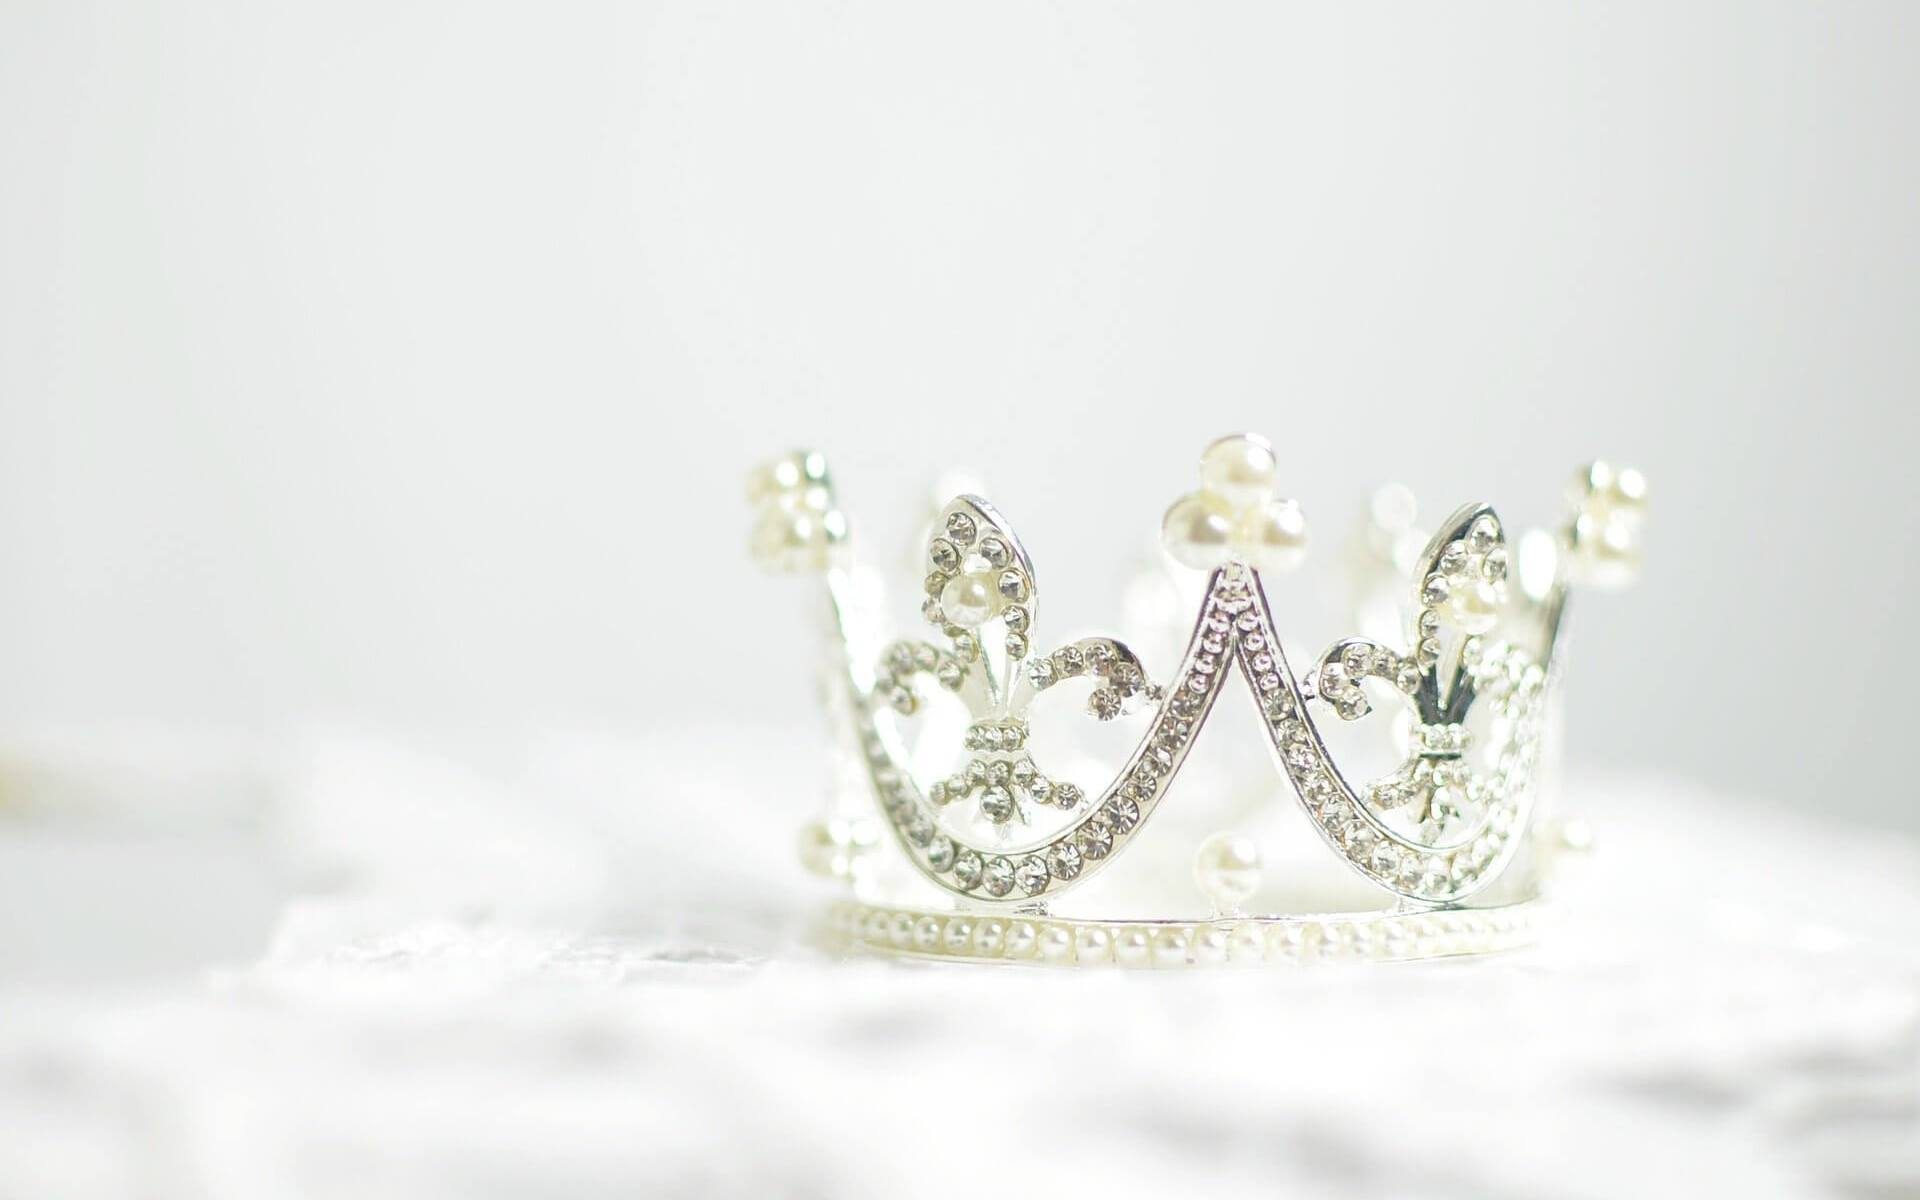 Krone. Symbol für das Reich Gottes.